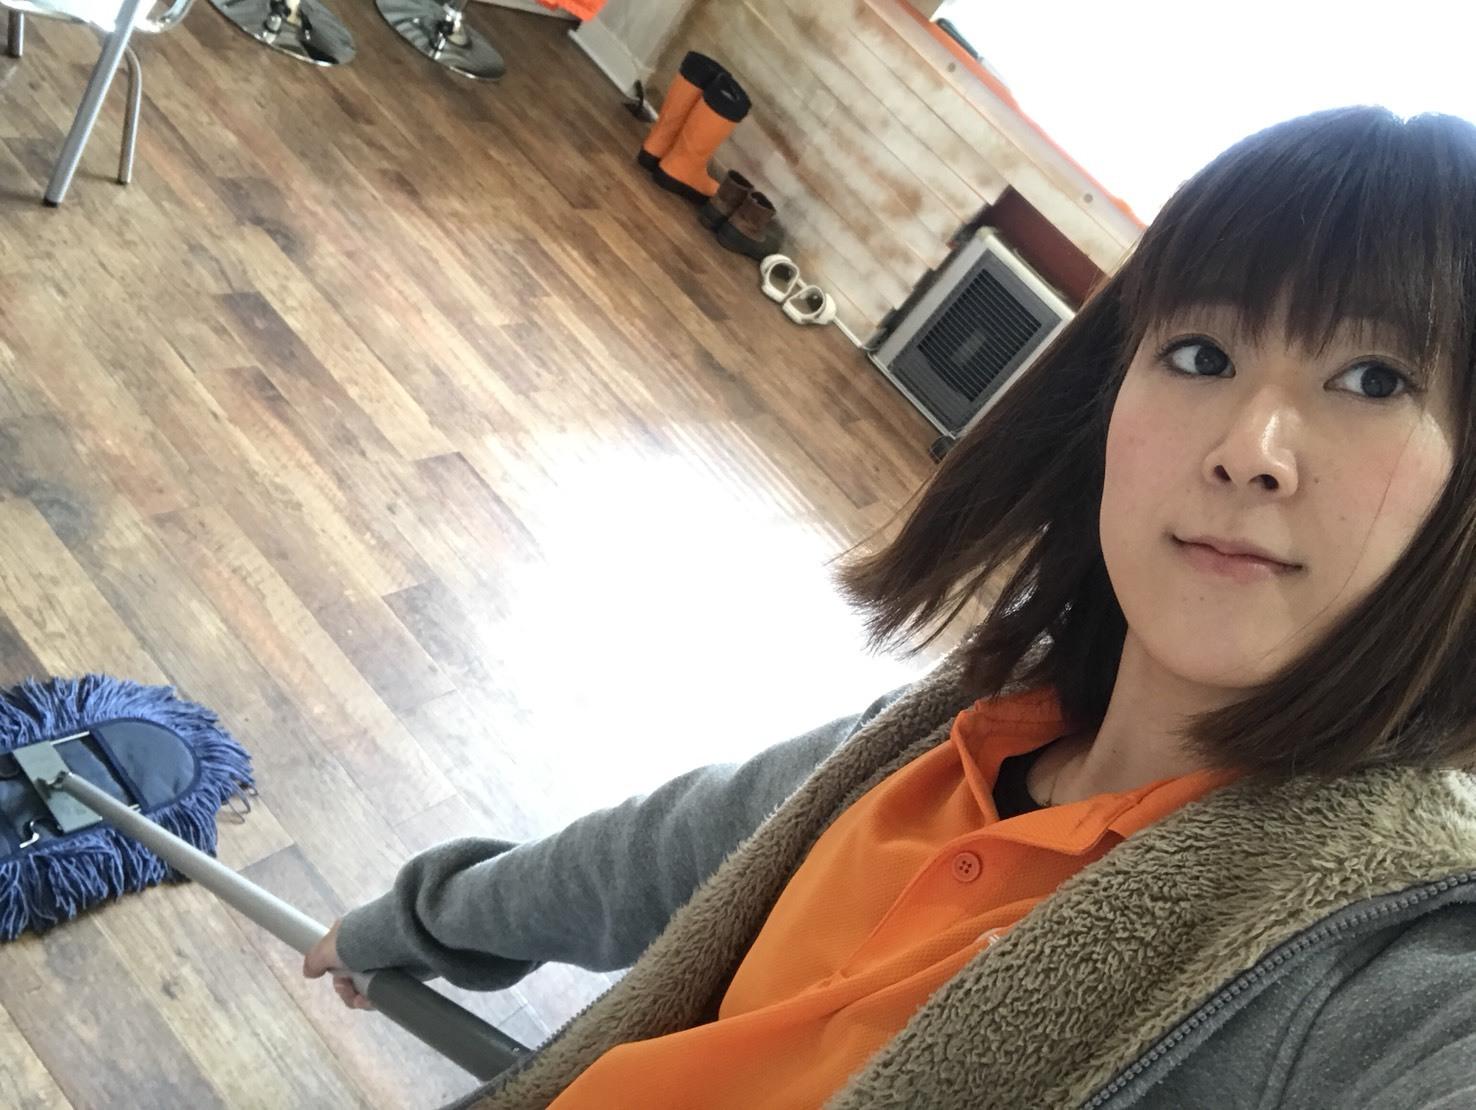 3月30日(金)トミーベース カスタムブログ☆S社様、新車のヴェルファイア到着☆カマロカスタム中☆_b0127002_11105533.jpg